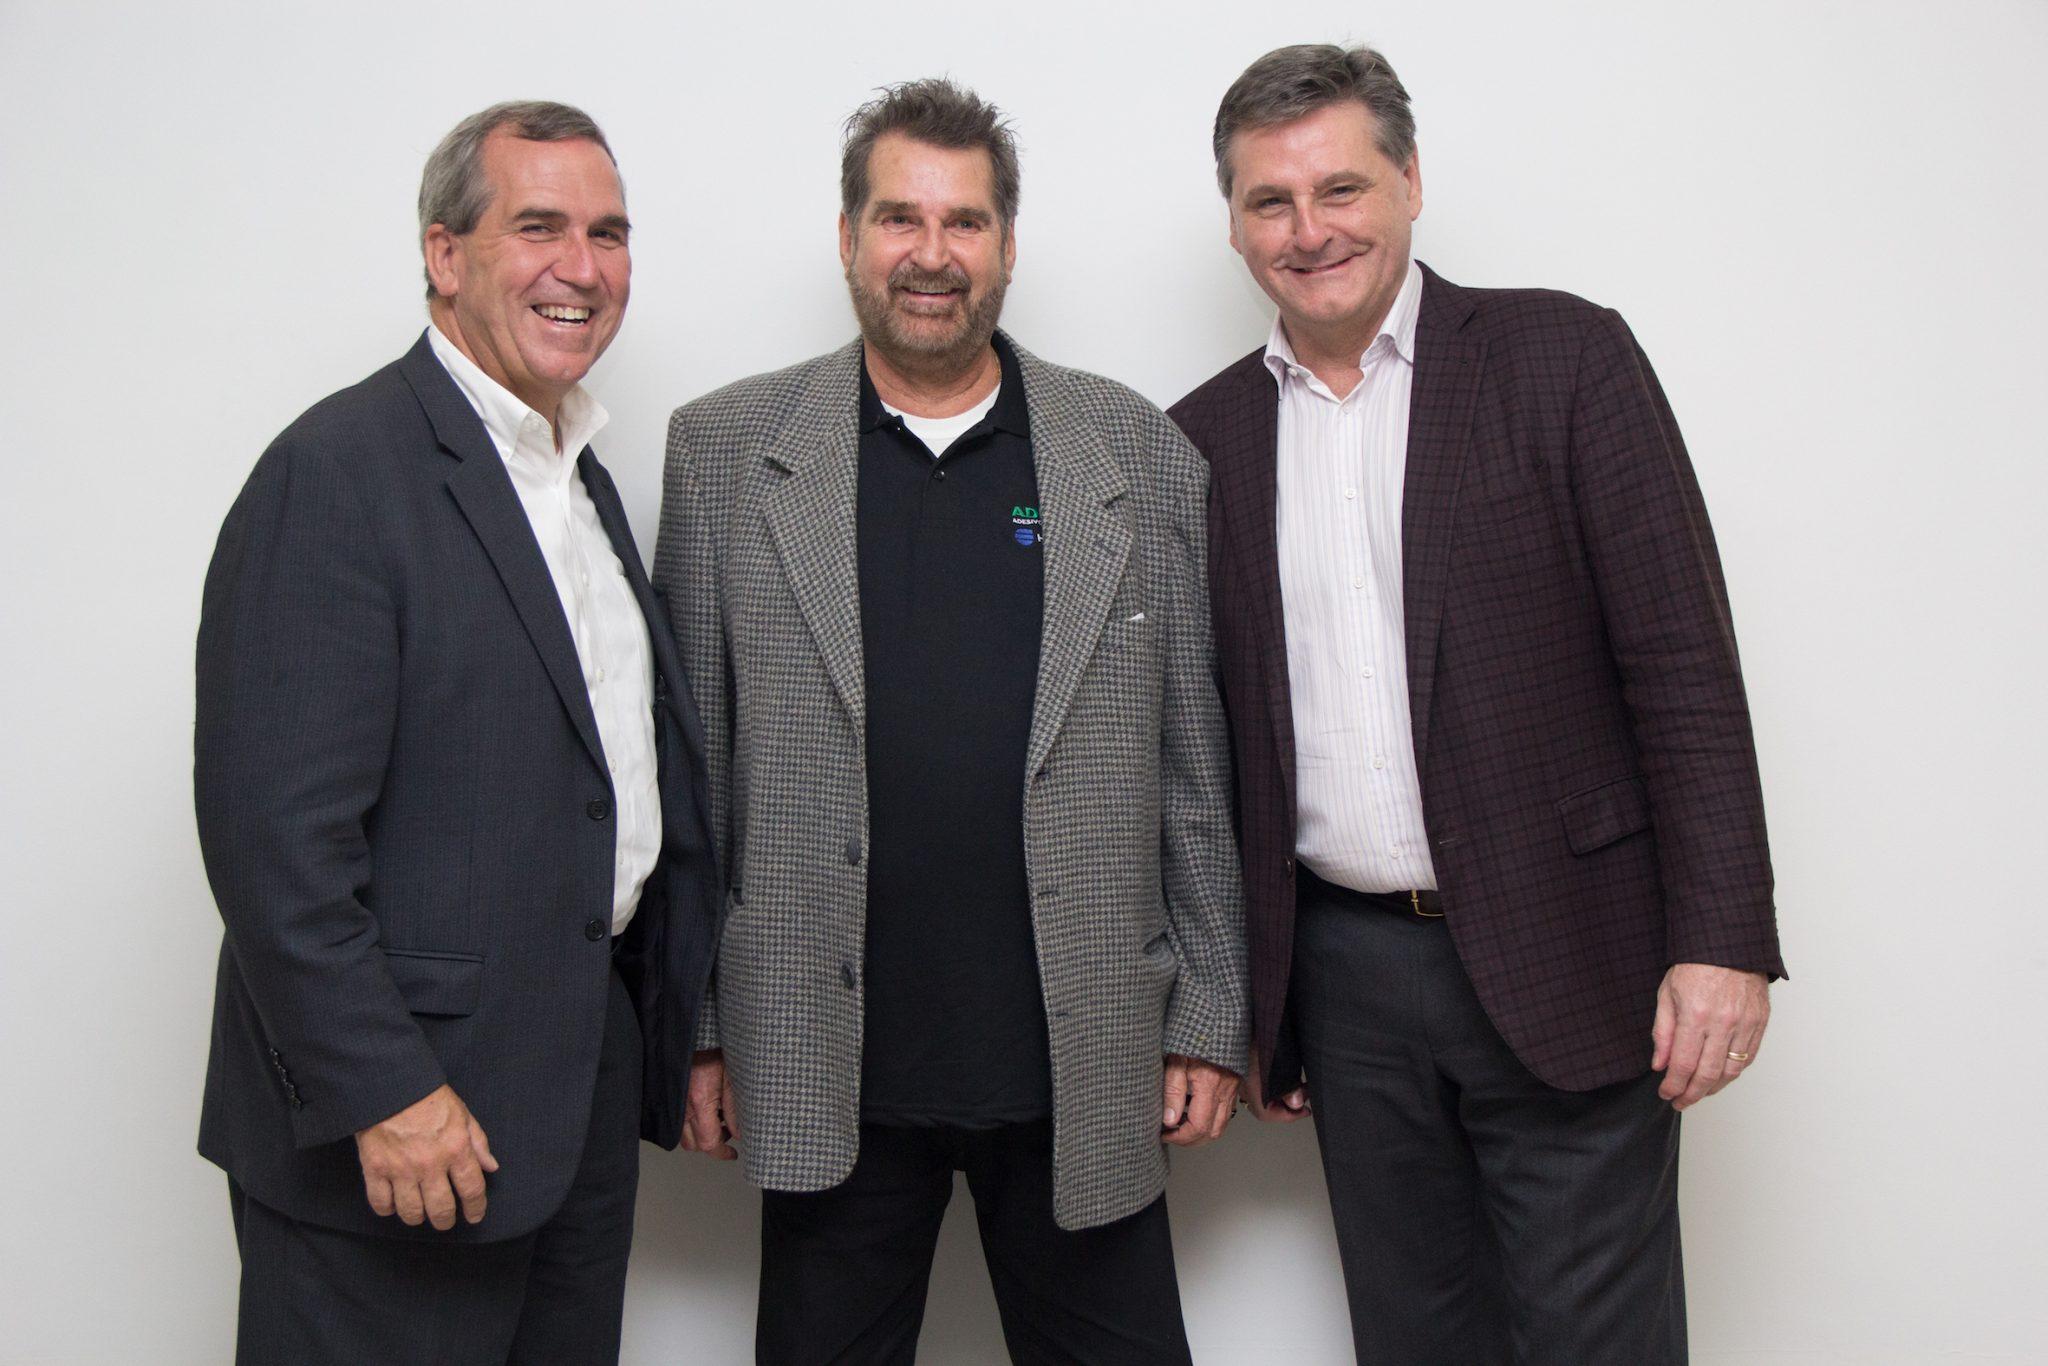 Jim Owens, presidente e CEO da H.B. Fuller, Alexandre Kiss, CEO e fundador da Adecol Adesivos Industriais e Steve Kenny, vice presidente de mercados emergentes da H.B. Fuller